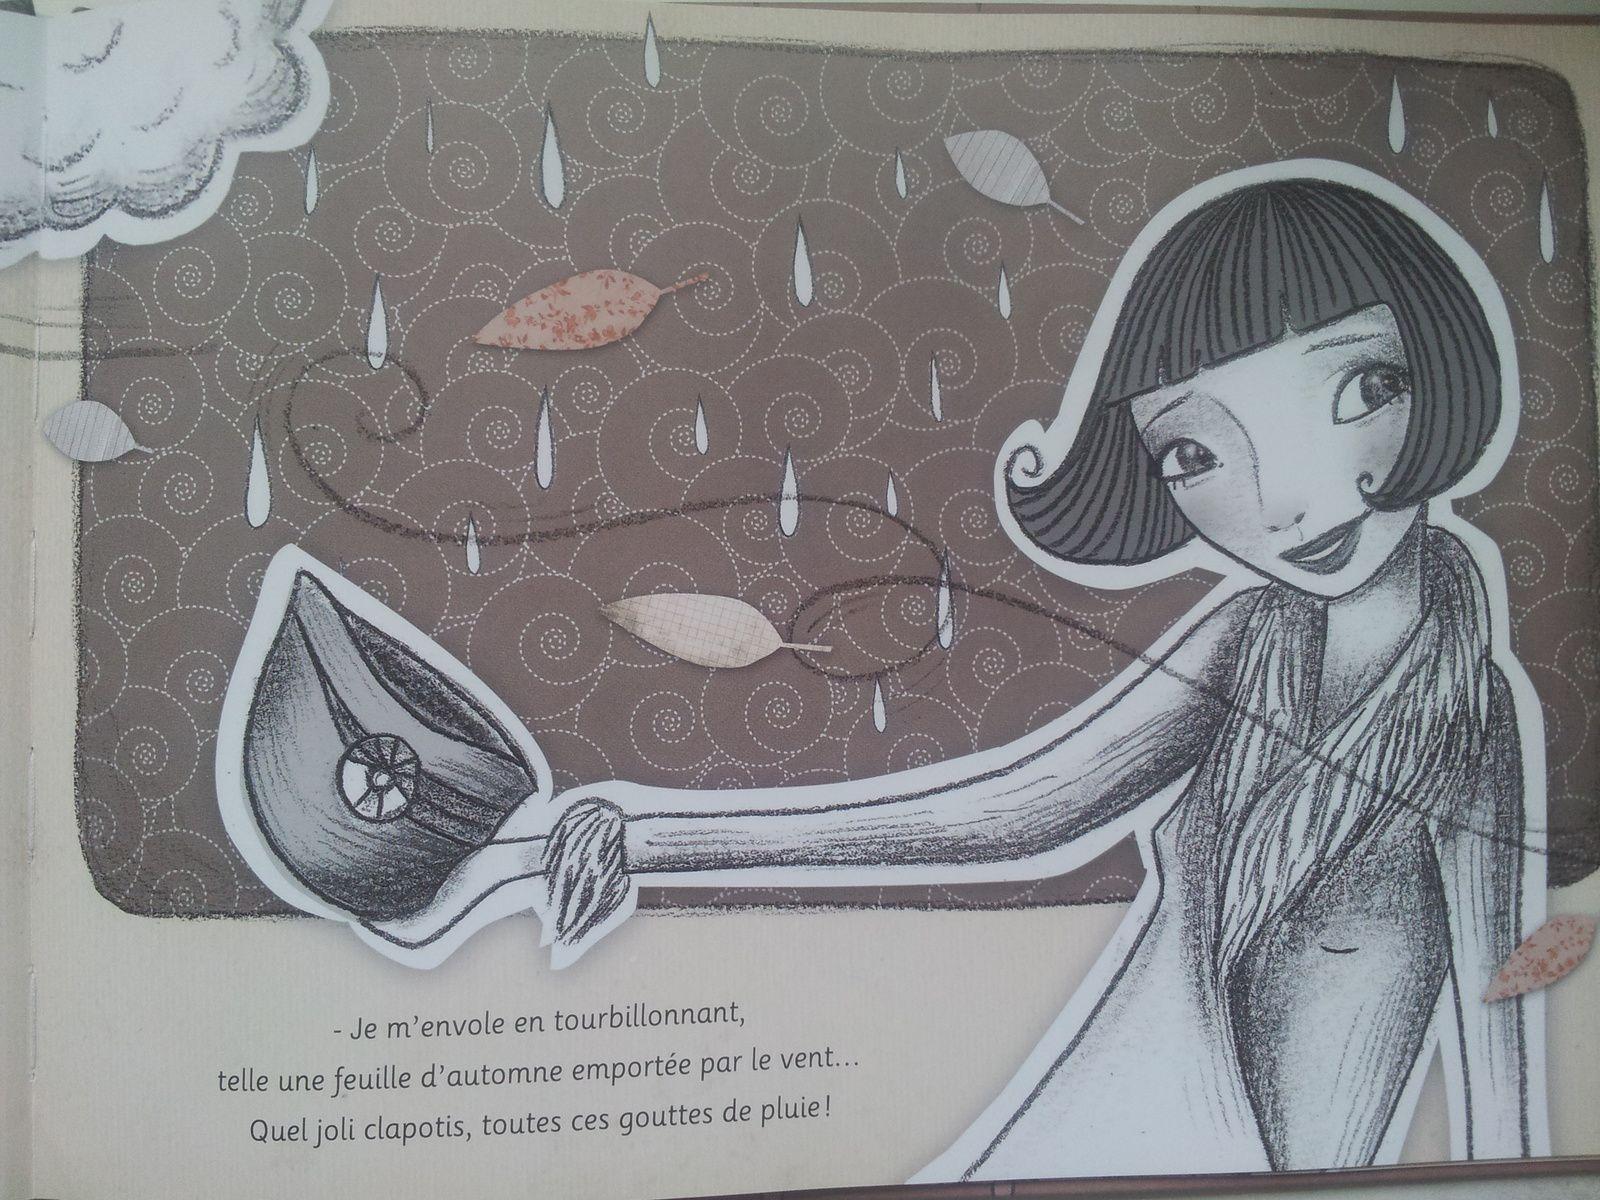 Sous la pluie… Texte de Nancy GUILBERT et illustrations de Lilly SEEWALD (Dès 4 ans)